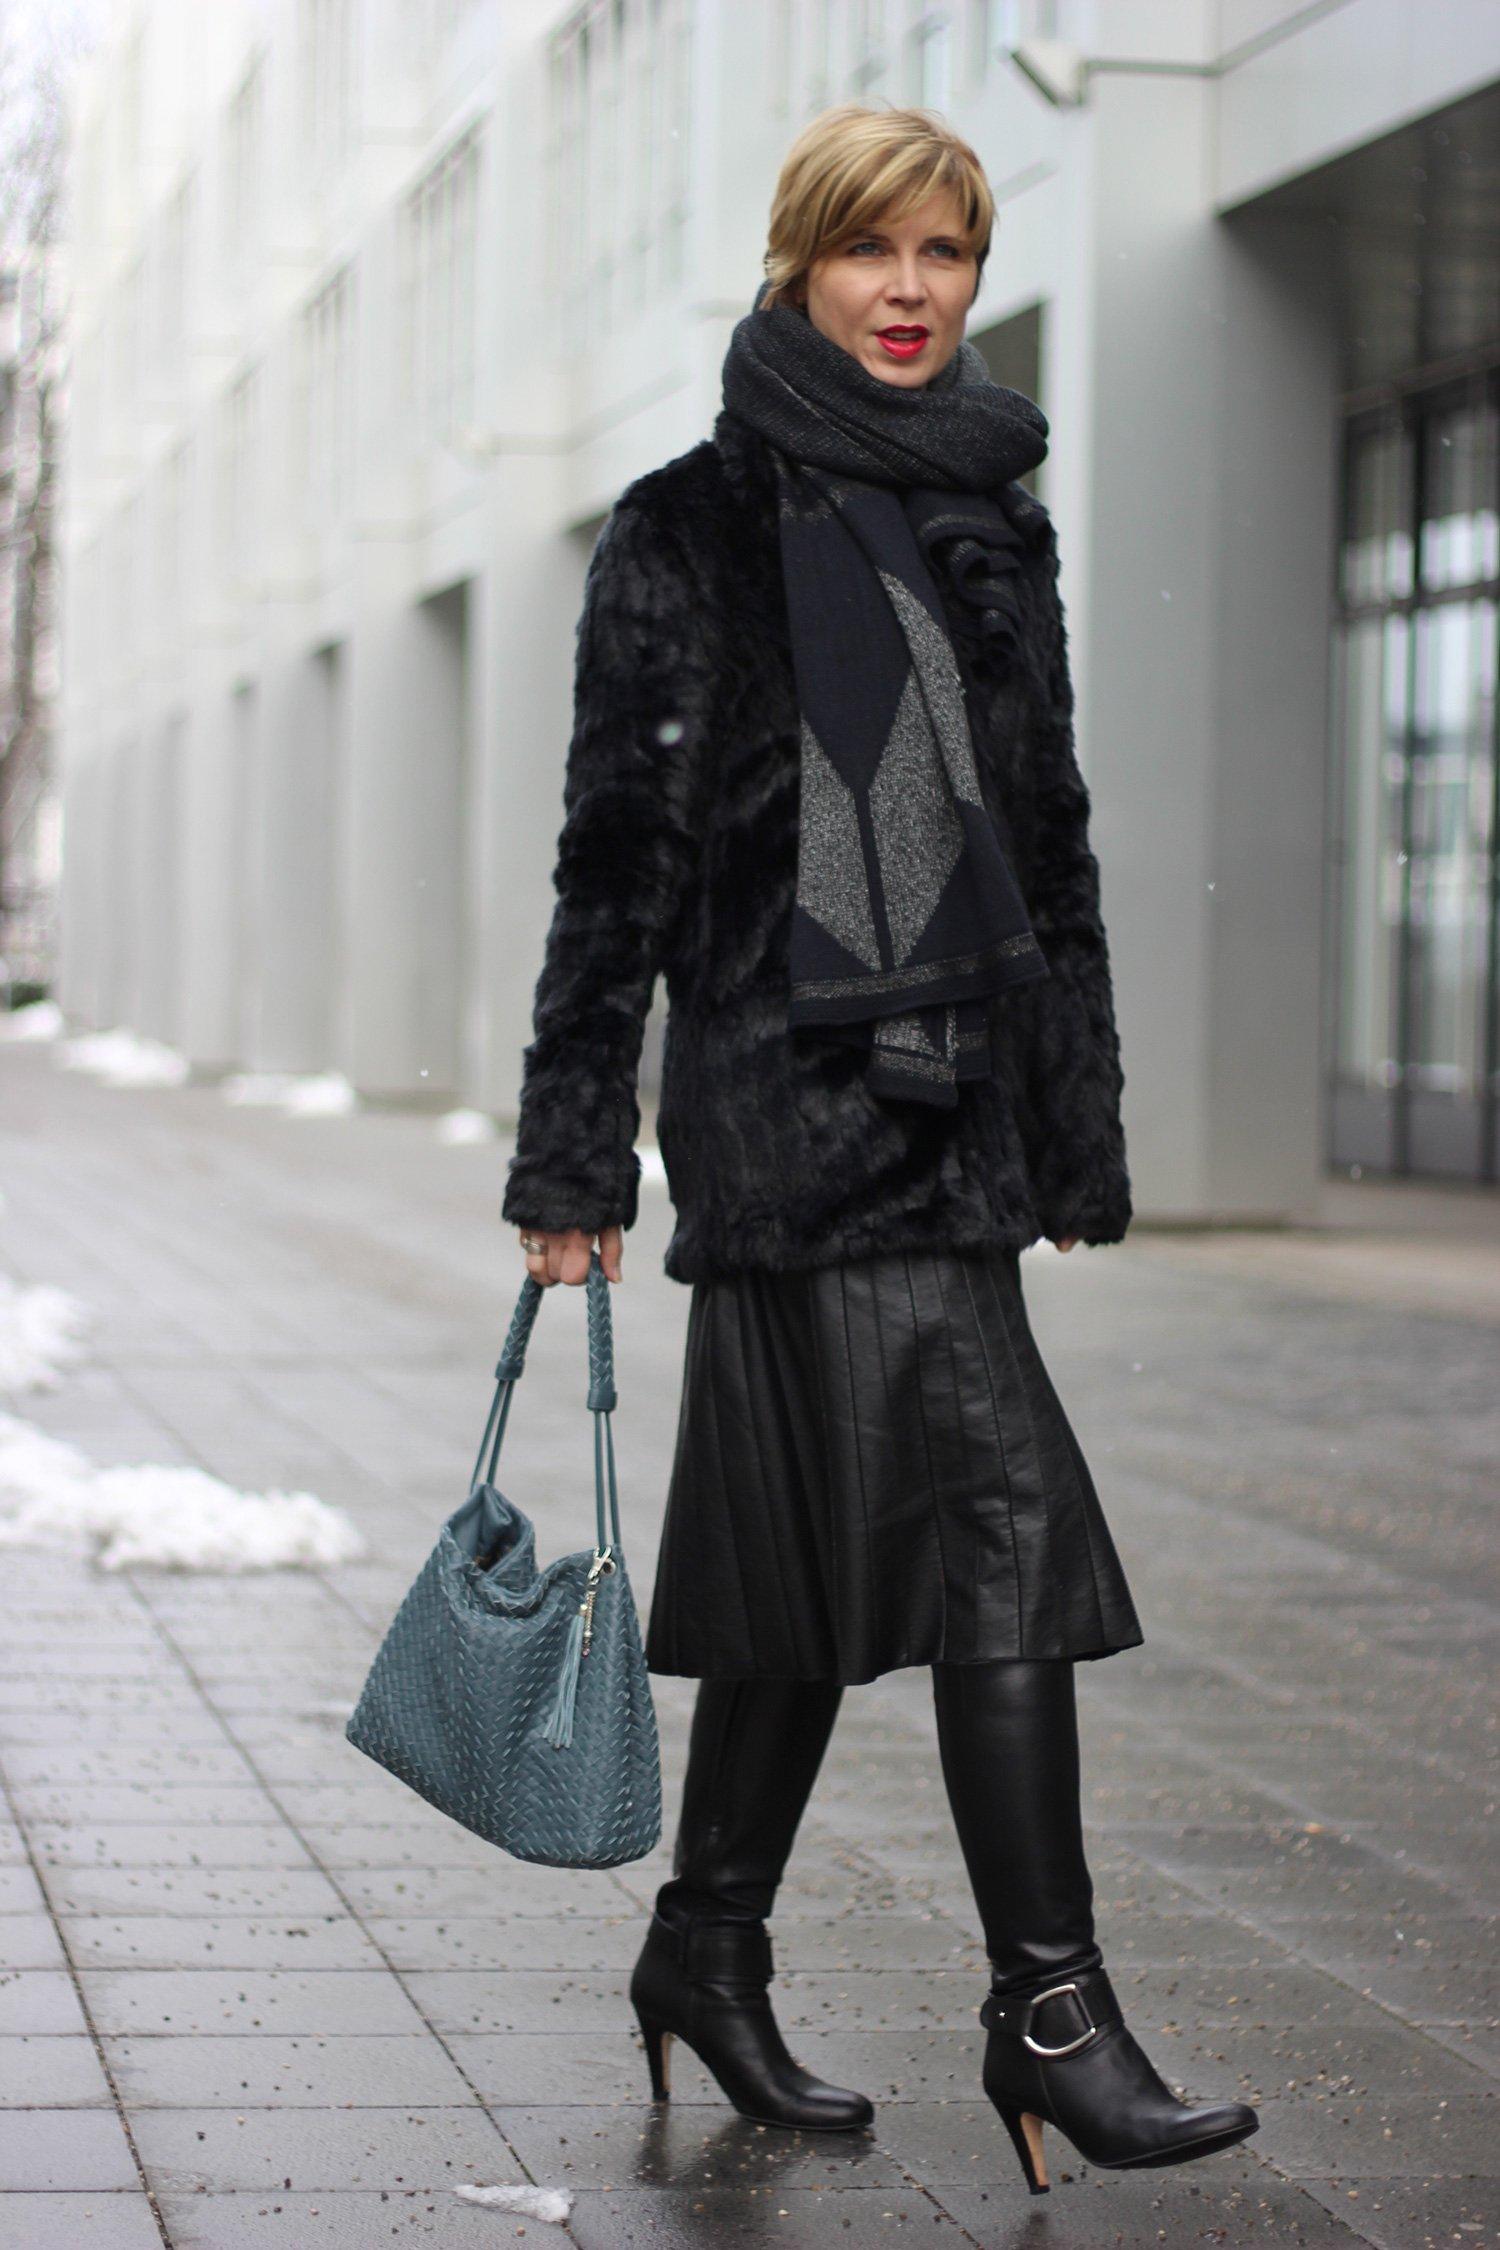 Fakelederrock mit Fakefurjacke, alles in schwarz, metallic-Gürtel